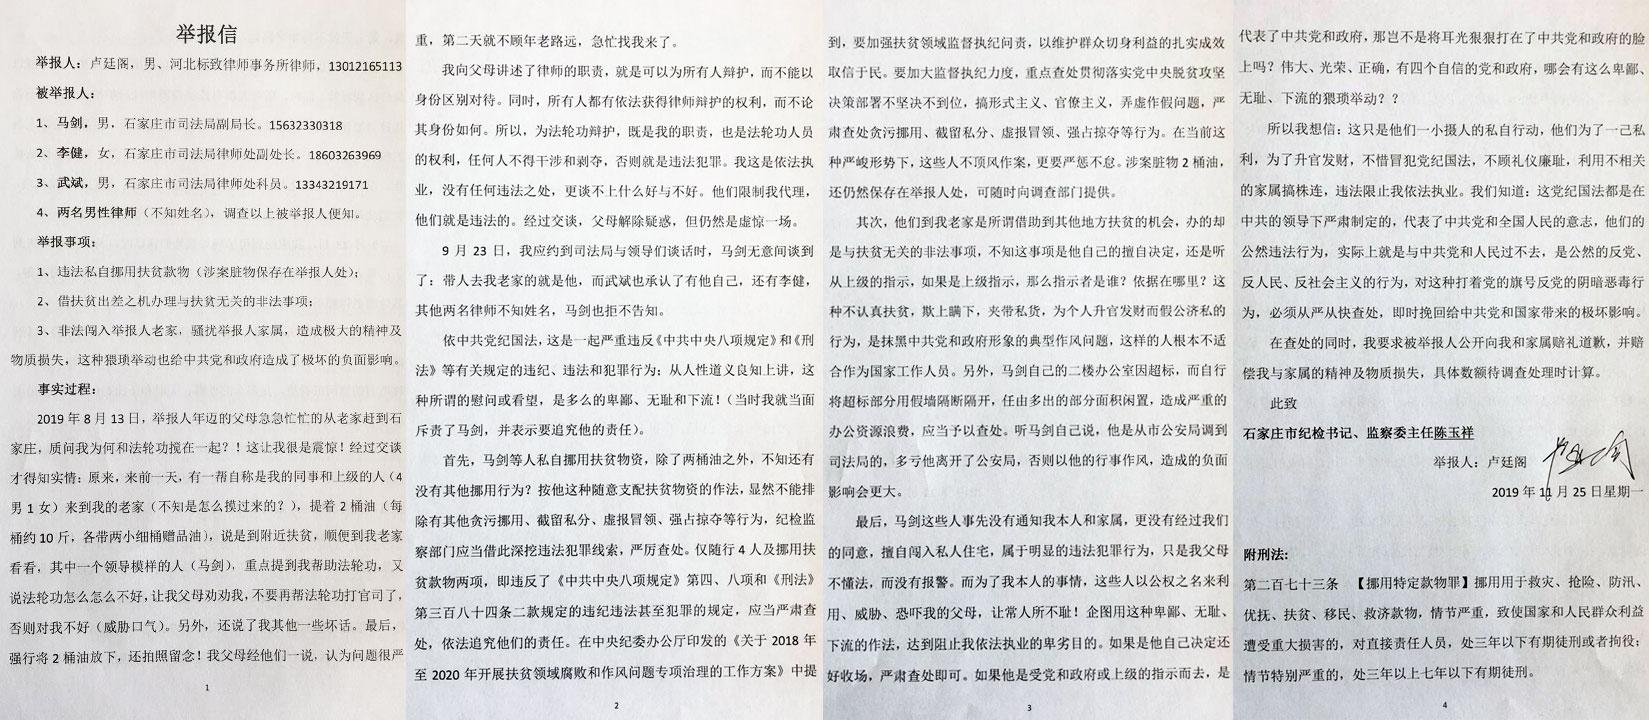 11月25日,河北维权律师卢廷阁向河北纪检、监察委举报石家庄市司法局副局长马剑及随从对其父母进行骚扰、及挪用扶贫款物等违法行为。(吴亦桐提供)